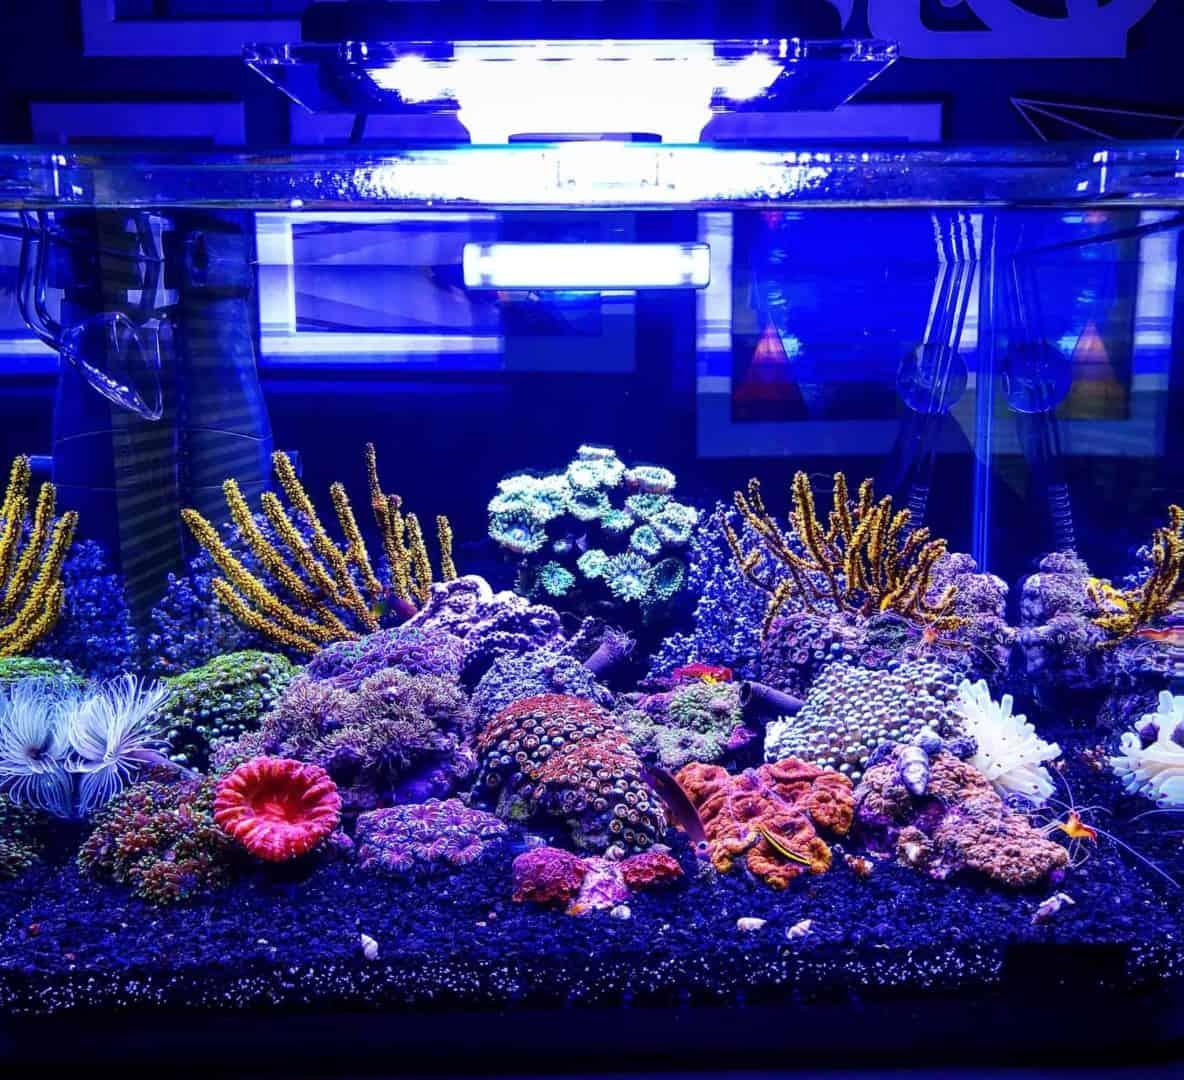 210: Das Nano Meerwasseraquarium - Möglichkeiten, Grenzen und Tipps zur Pflege (Adrie Baumann) 5